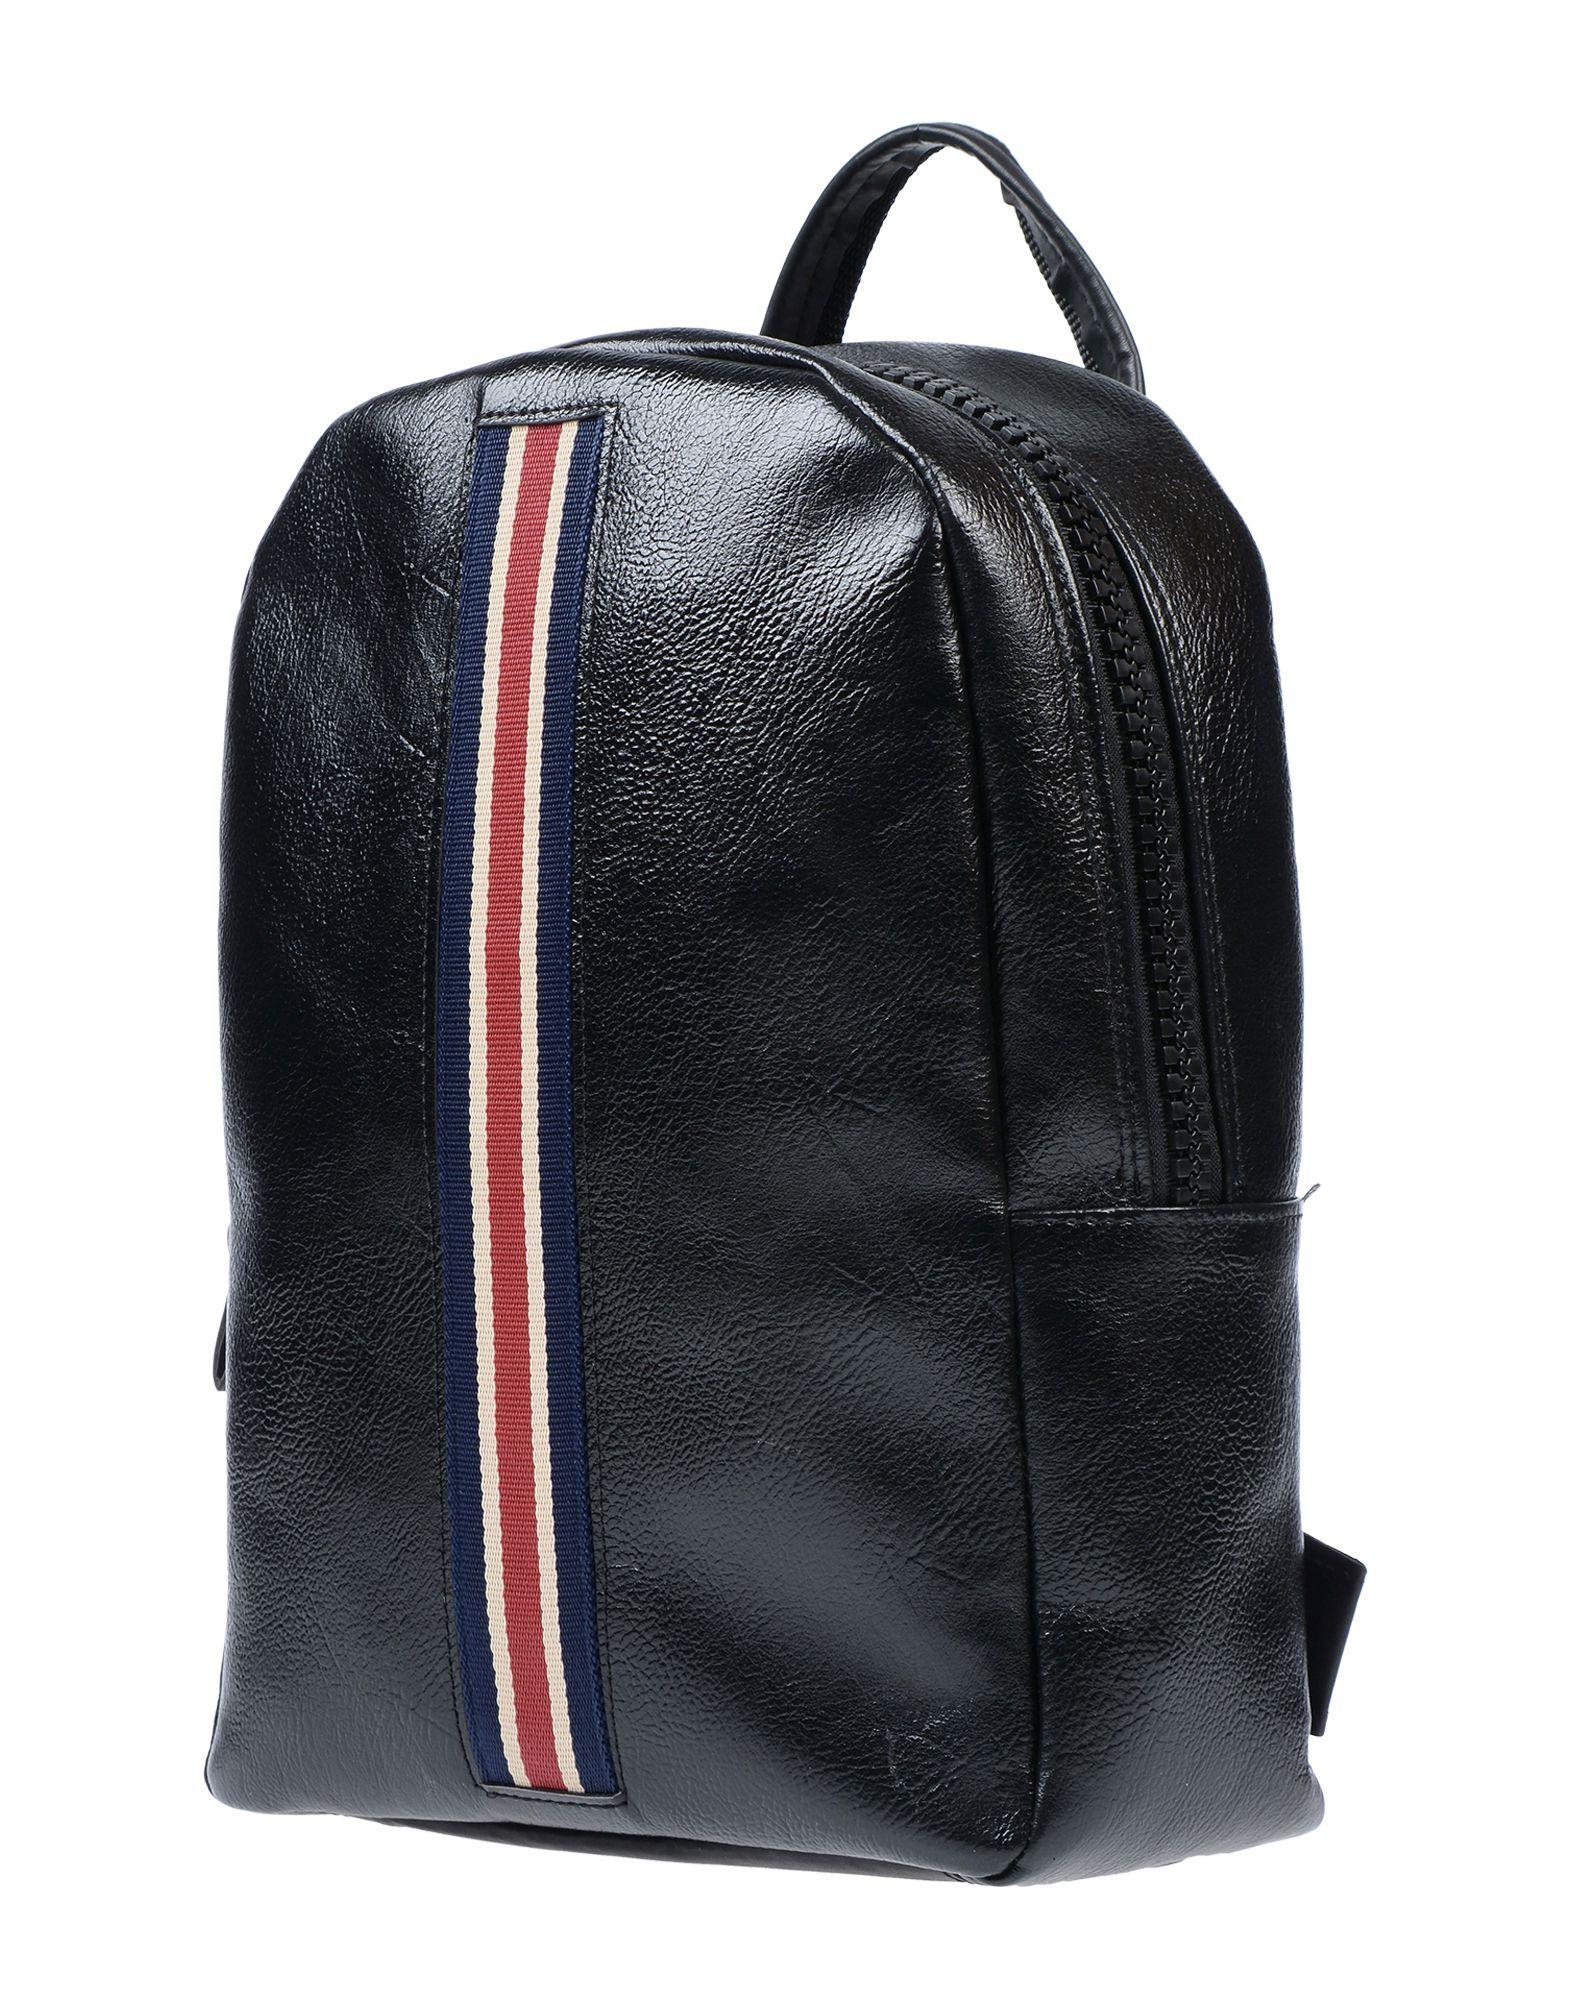 WHITE IN 8 Рюкзаки и сумки на пояс 23 8 vz2470h white